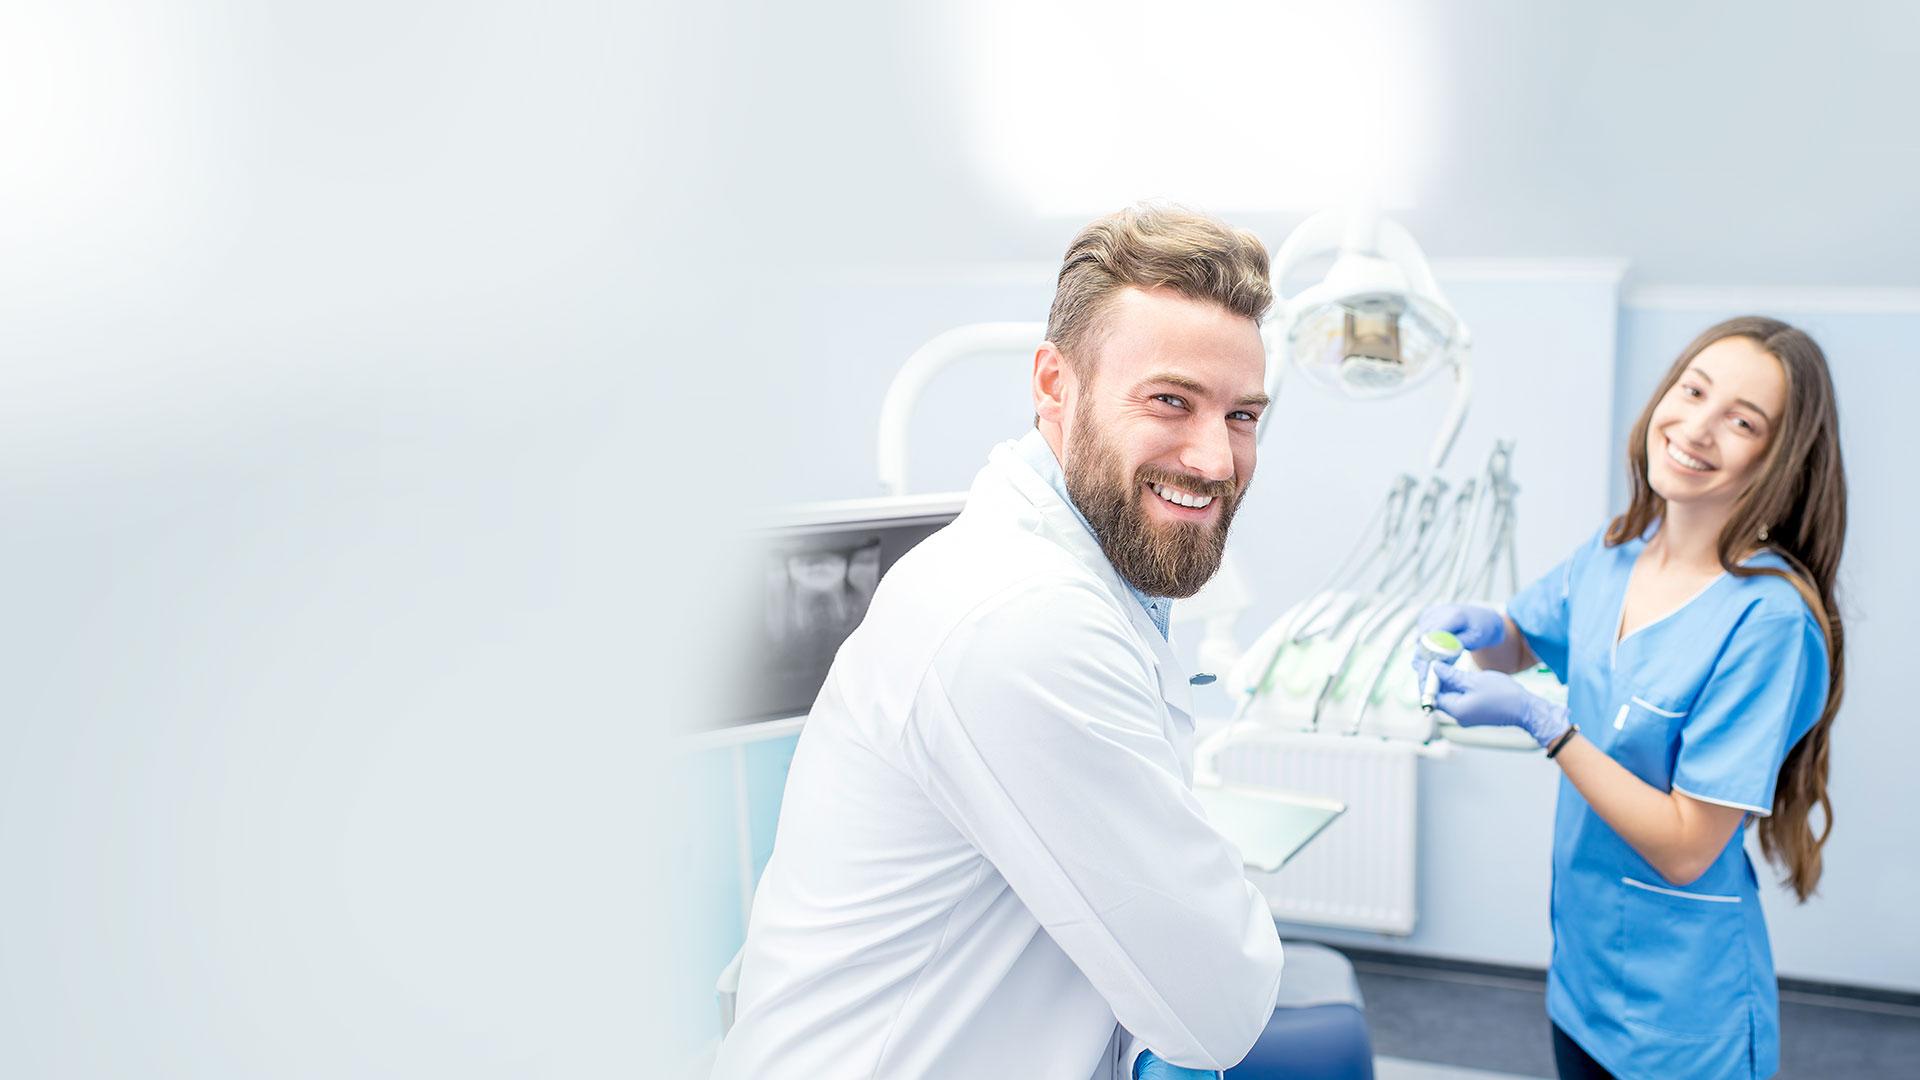 Zahnarzt Praxisgruppe